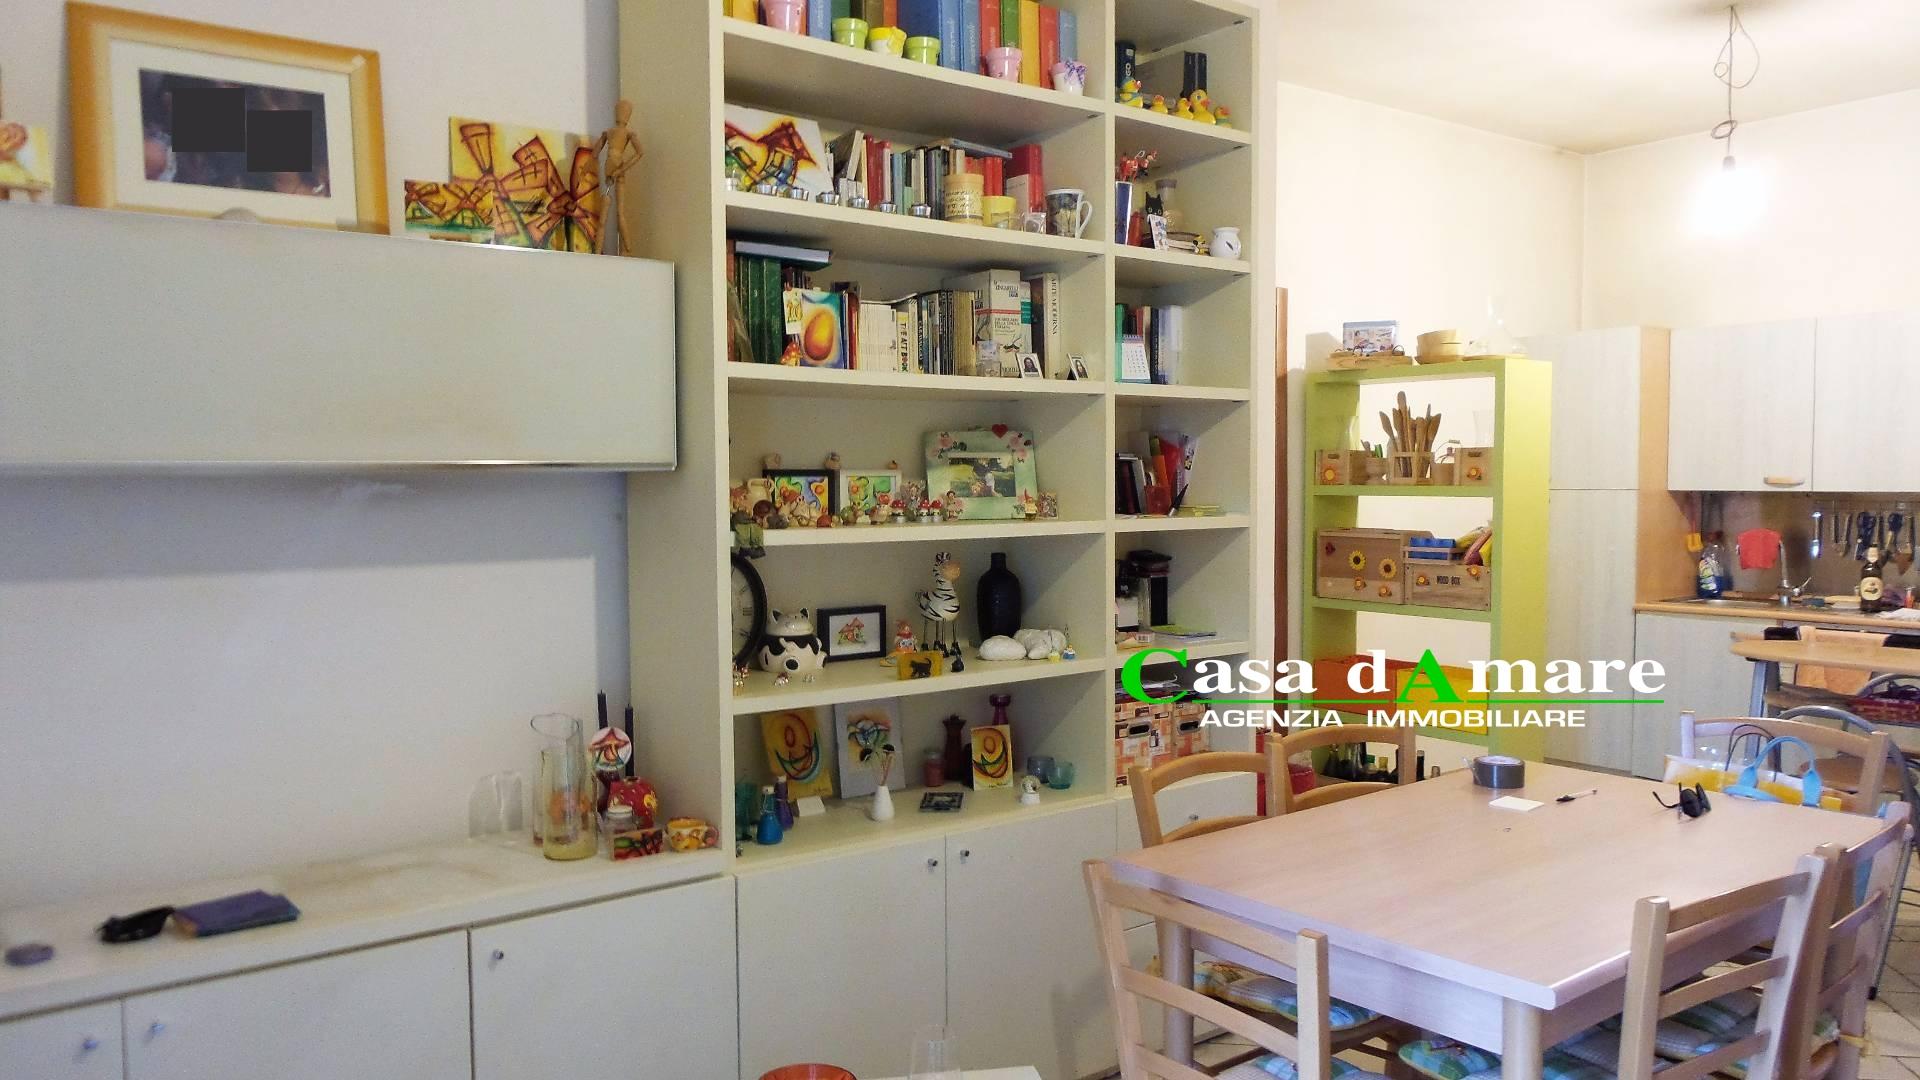 Appartamento in vendita a San Benedetto del Tronto, 3 locali, zona Località: PortodAscoli, prezzo € 110.000 | Cambio Casa.it